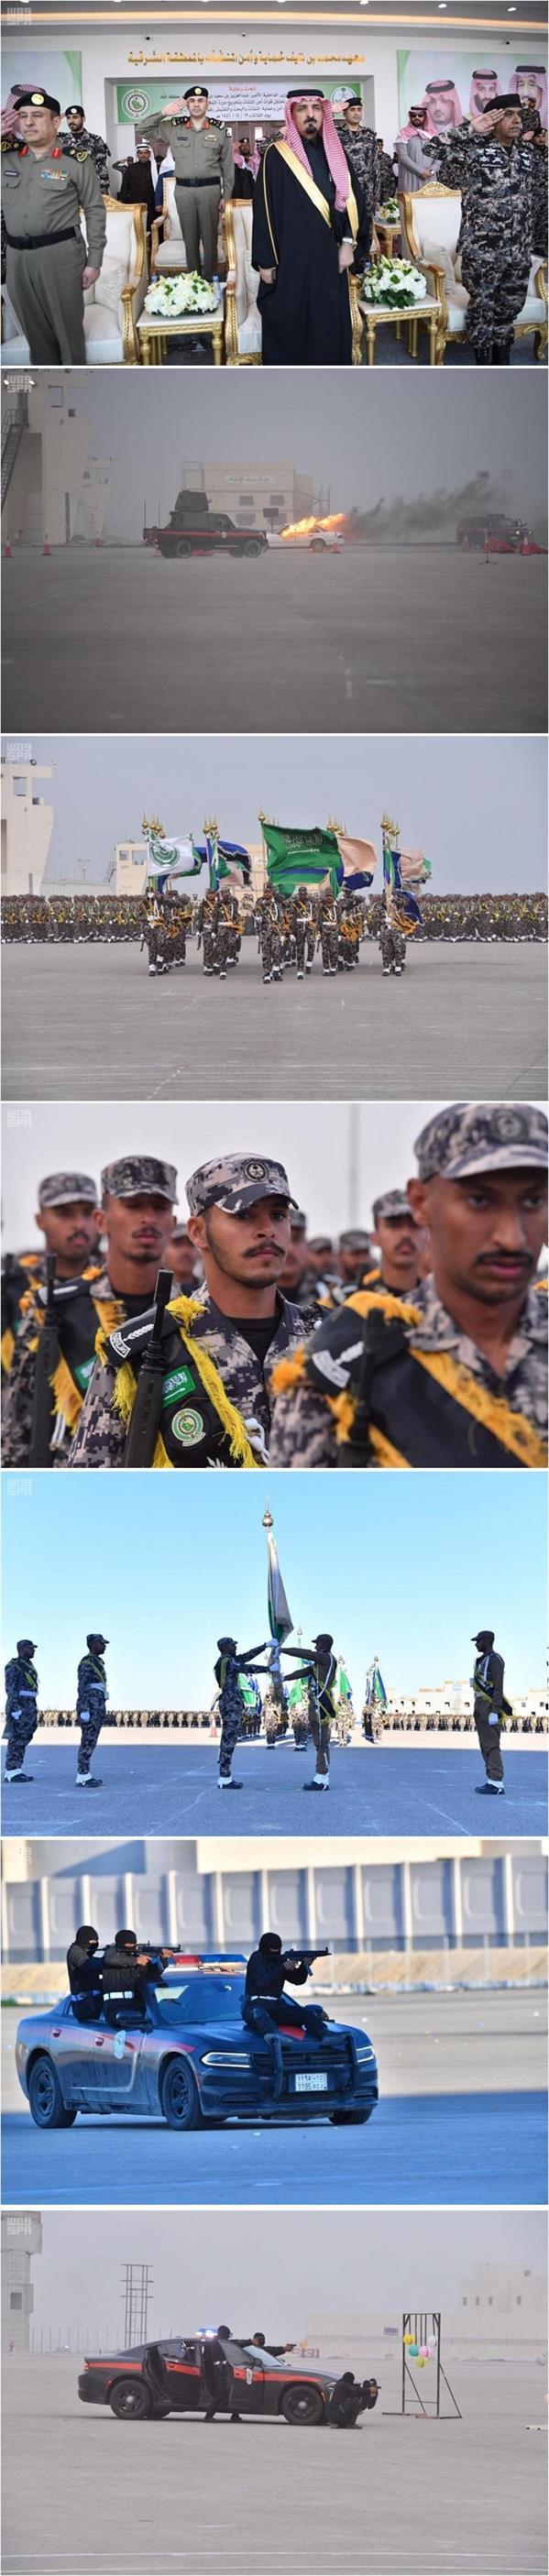 قوات أمن المنشآت تحتفل بتخريج عدد من الدورات التخصصية بمعهد محمد بن نايف